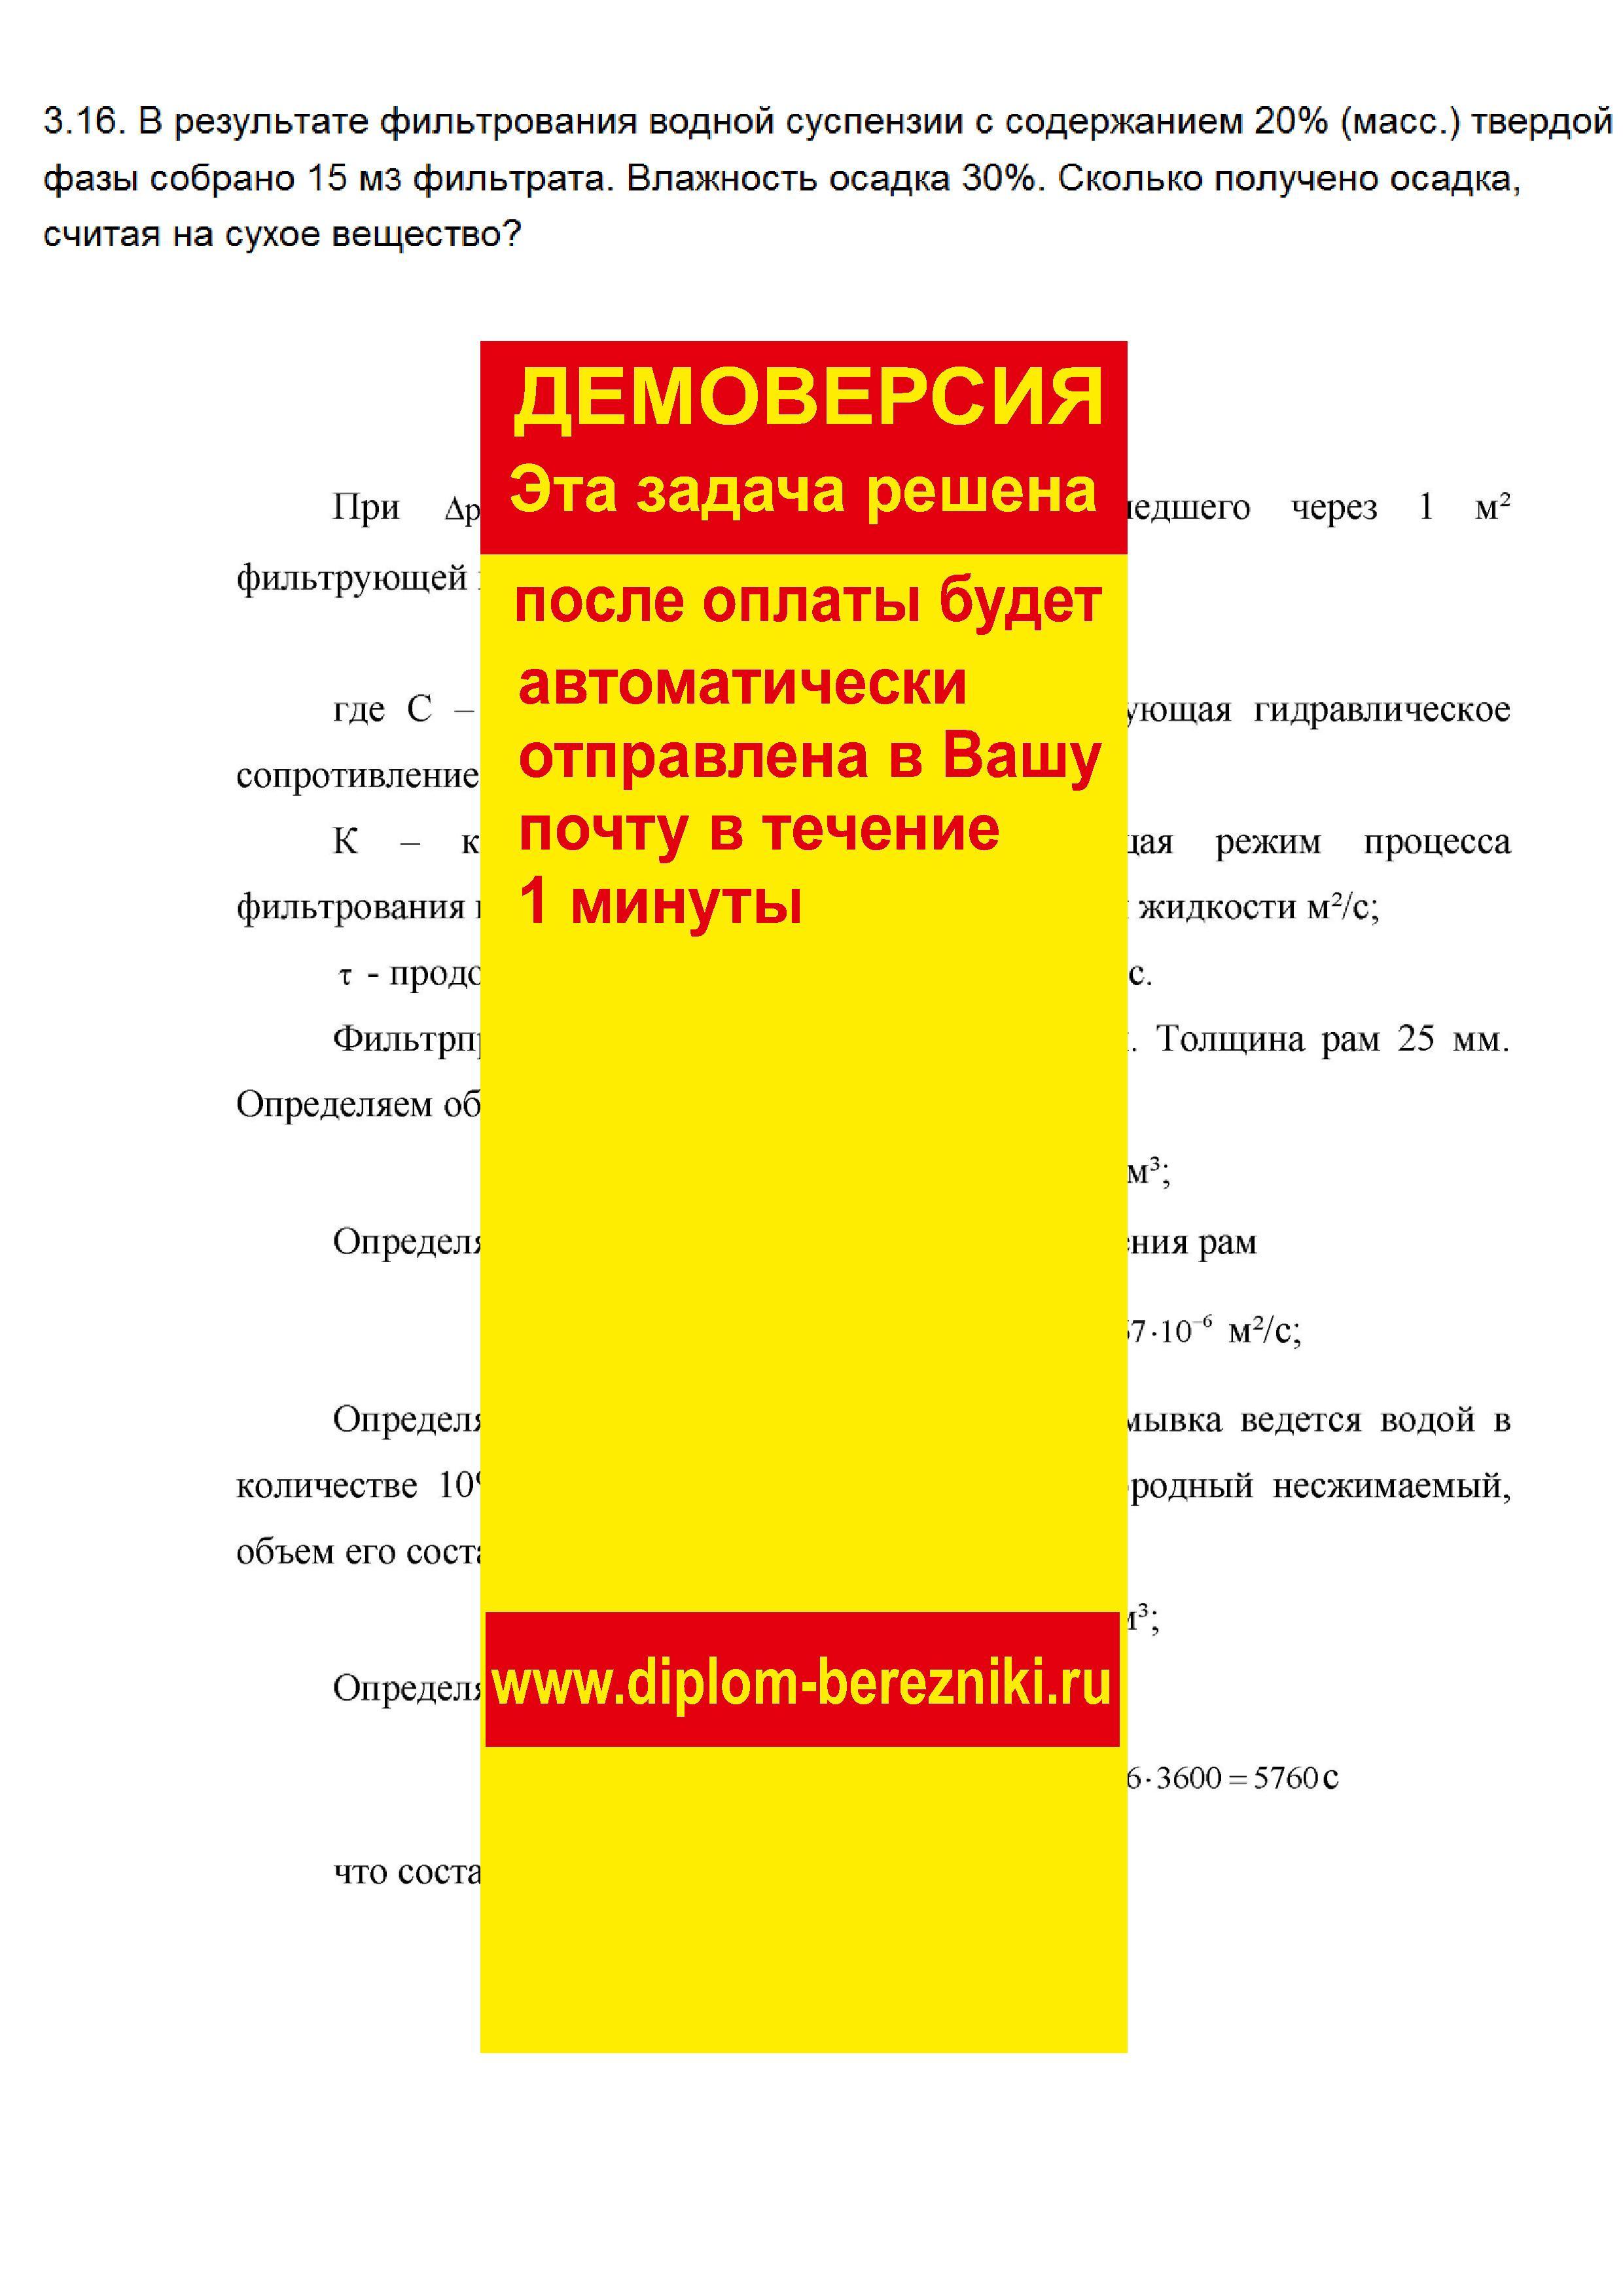 Решение задачи 3.16 по ПАХТ из задачника Павлова Романкова Носкова